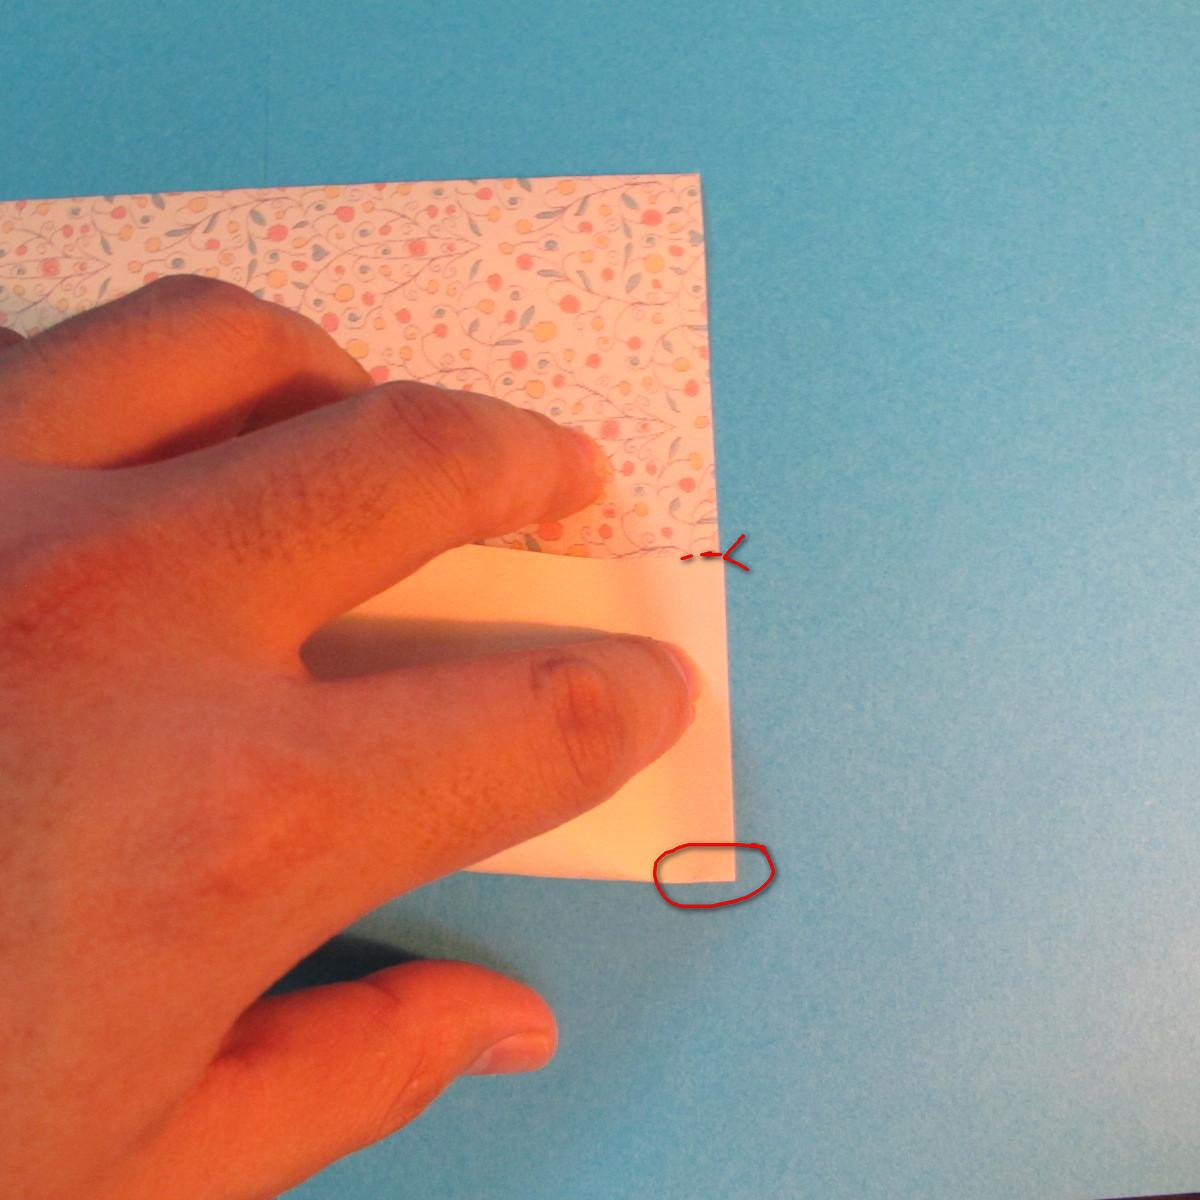 วิธีพับกระดาษเป็นผีเสื้อหางแฉก 011